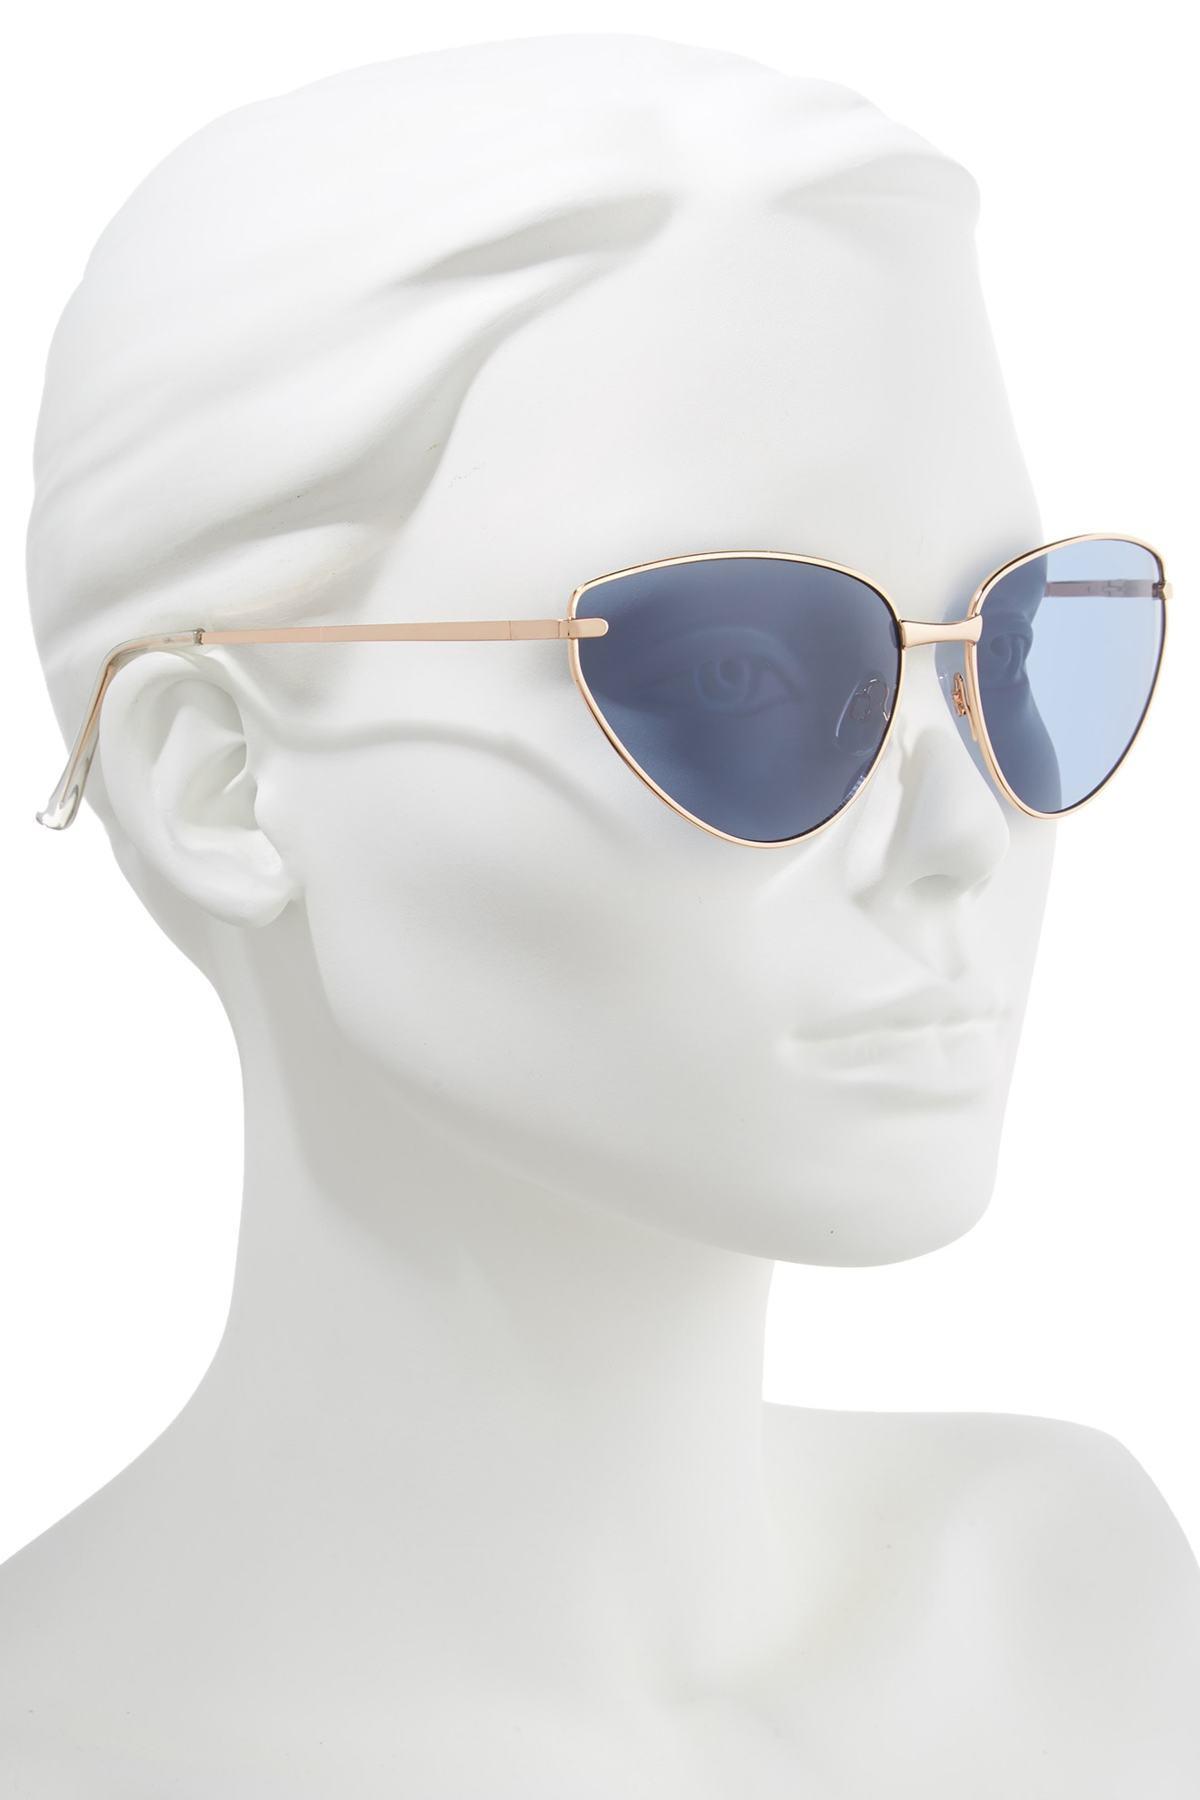 1631a96a4d0da Leith - Blue 62mm Flat Cat Eye Sunglasses - Lyst. View fullscreen